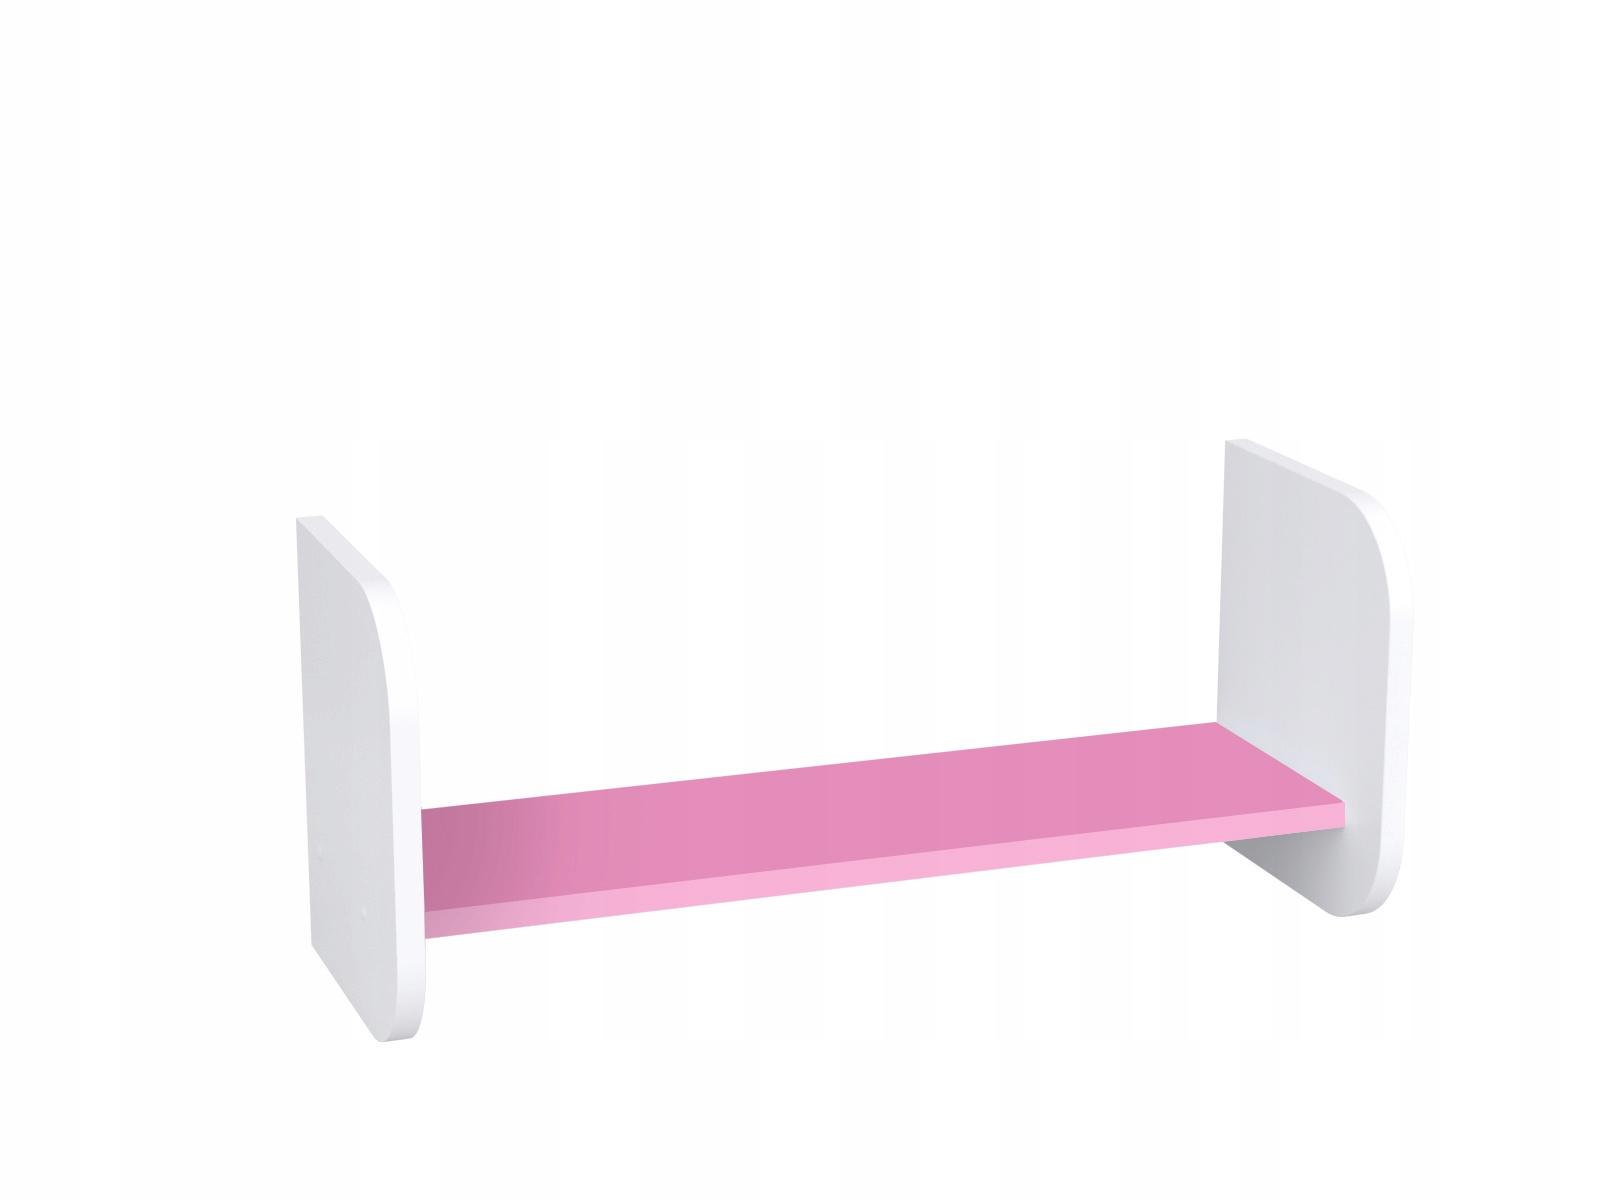 014 70 Polica biela ružová knihy, hračky